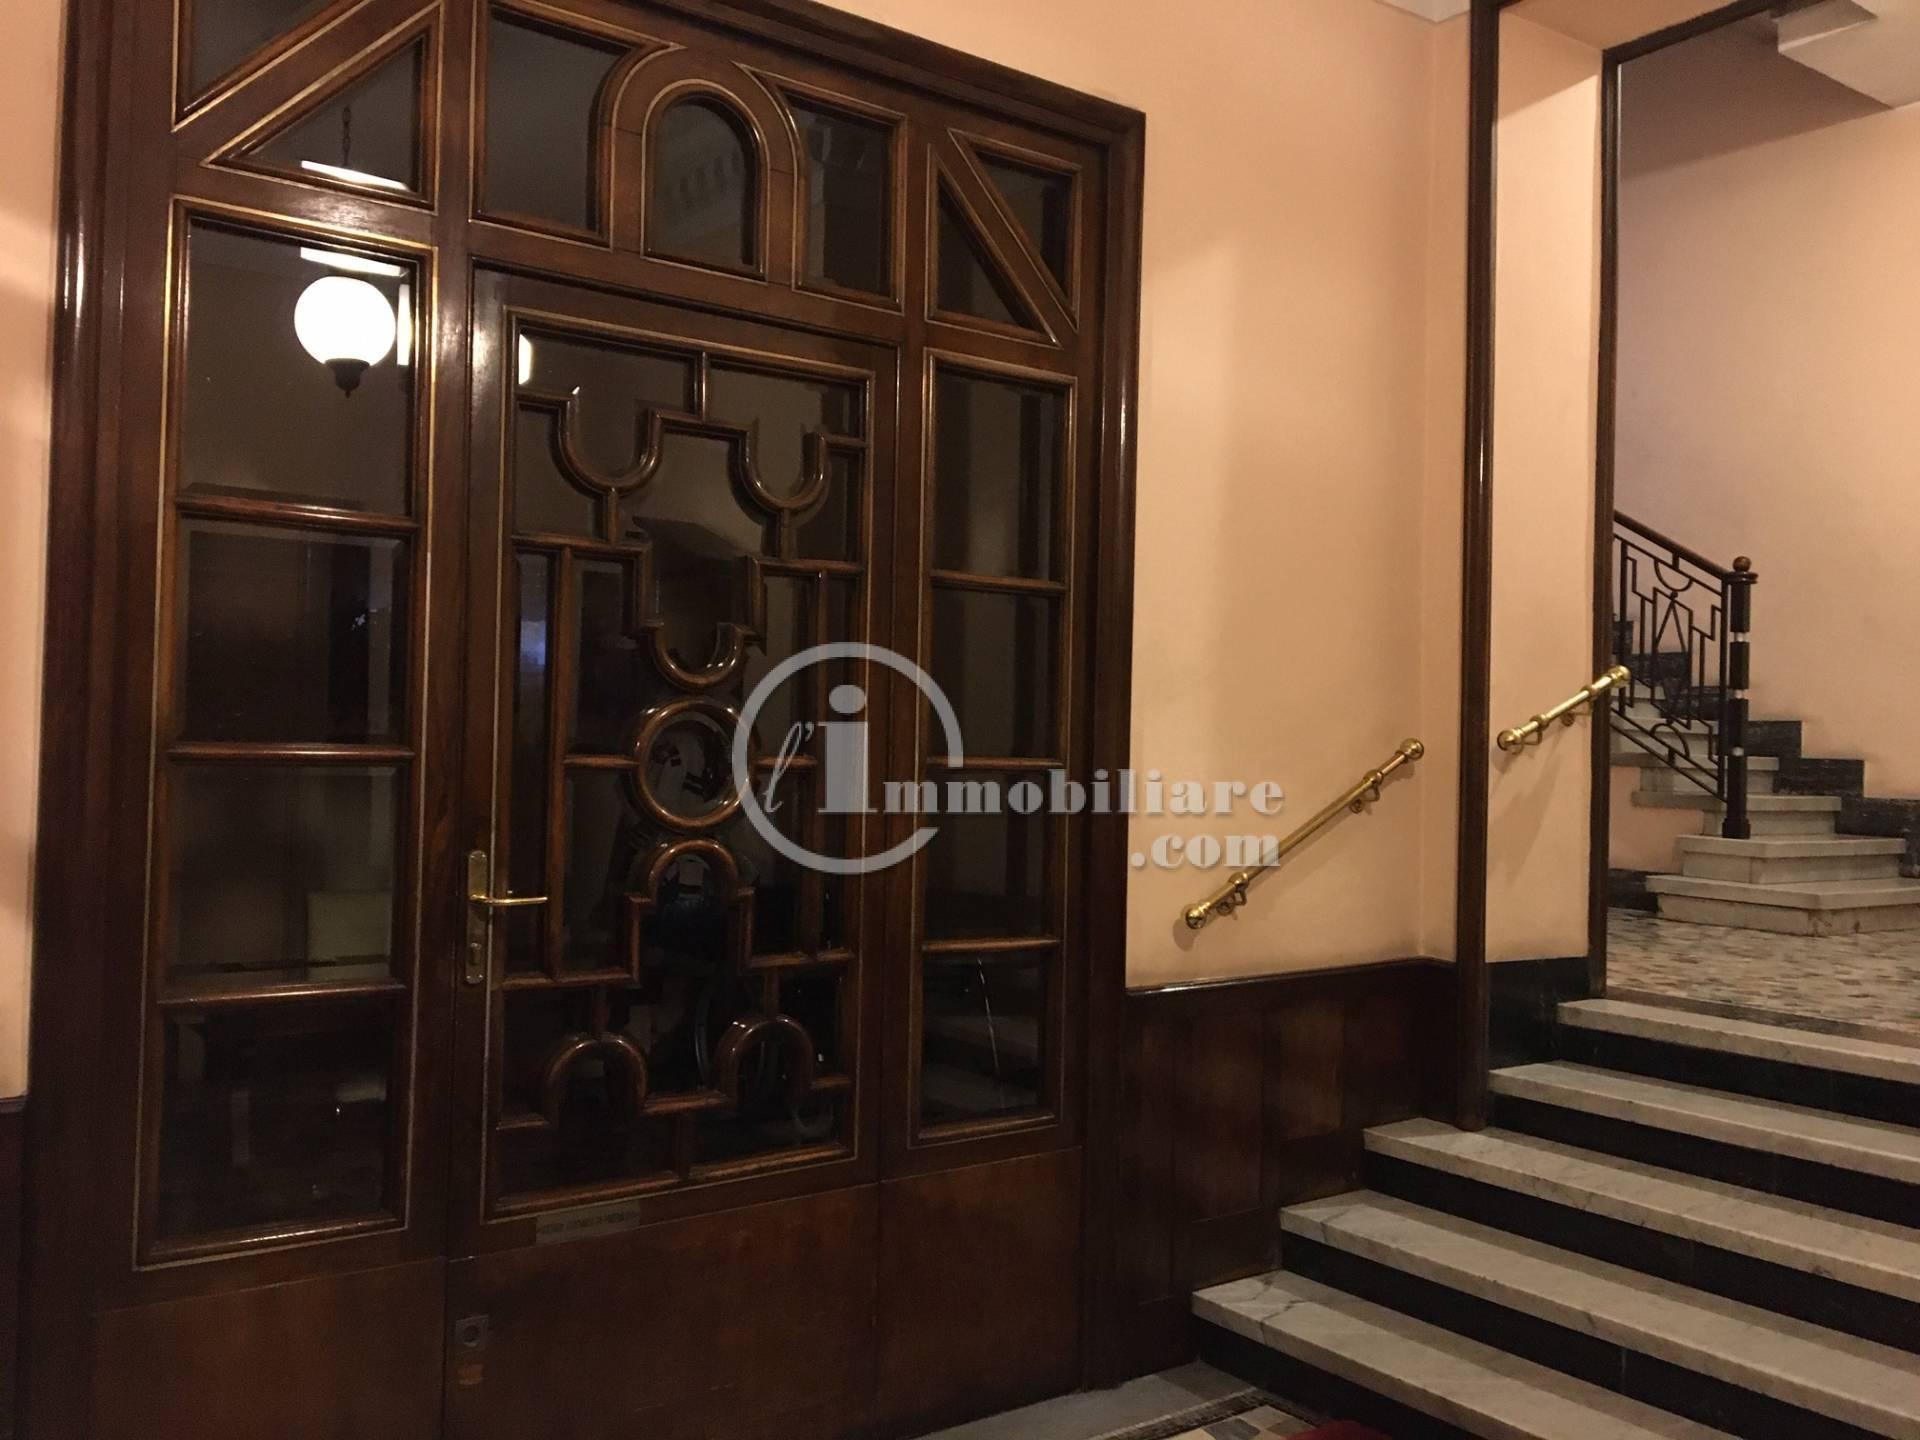 Appartamento in Vendita a Milano: 3 locali, 123 mq - Foto 3